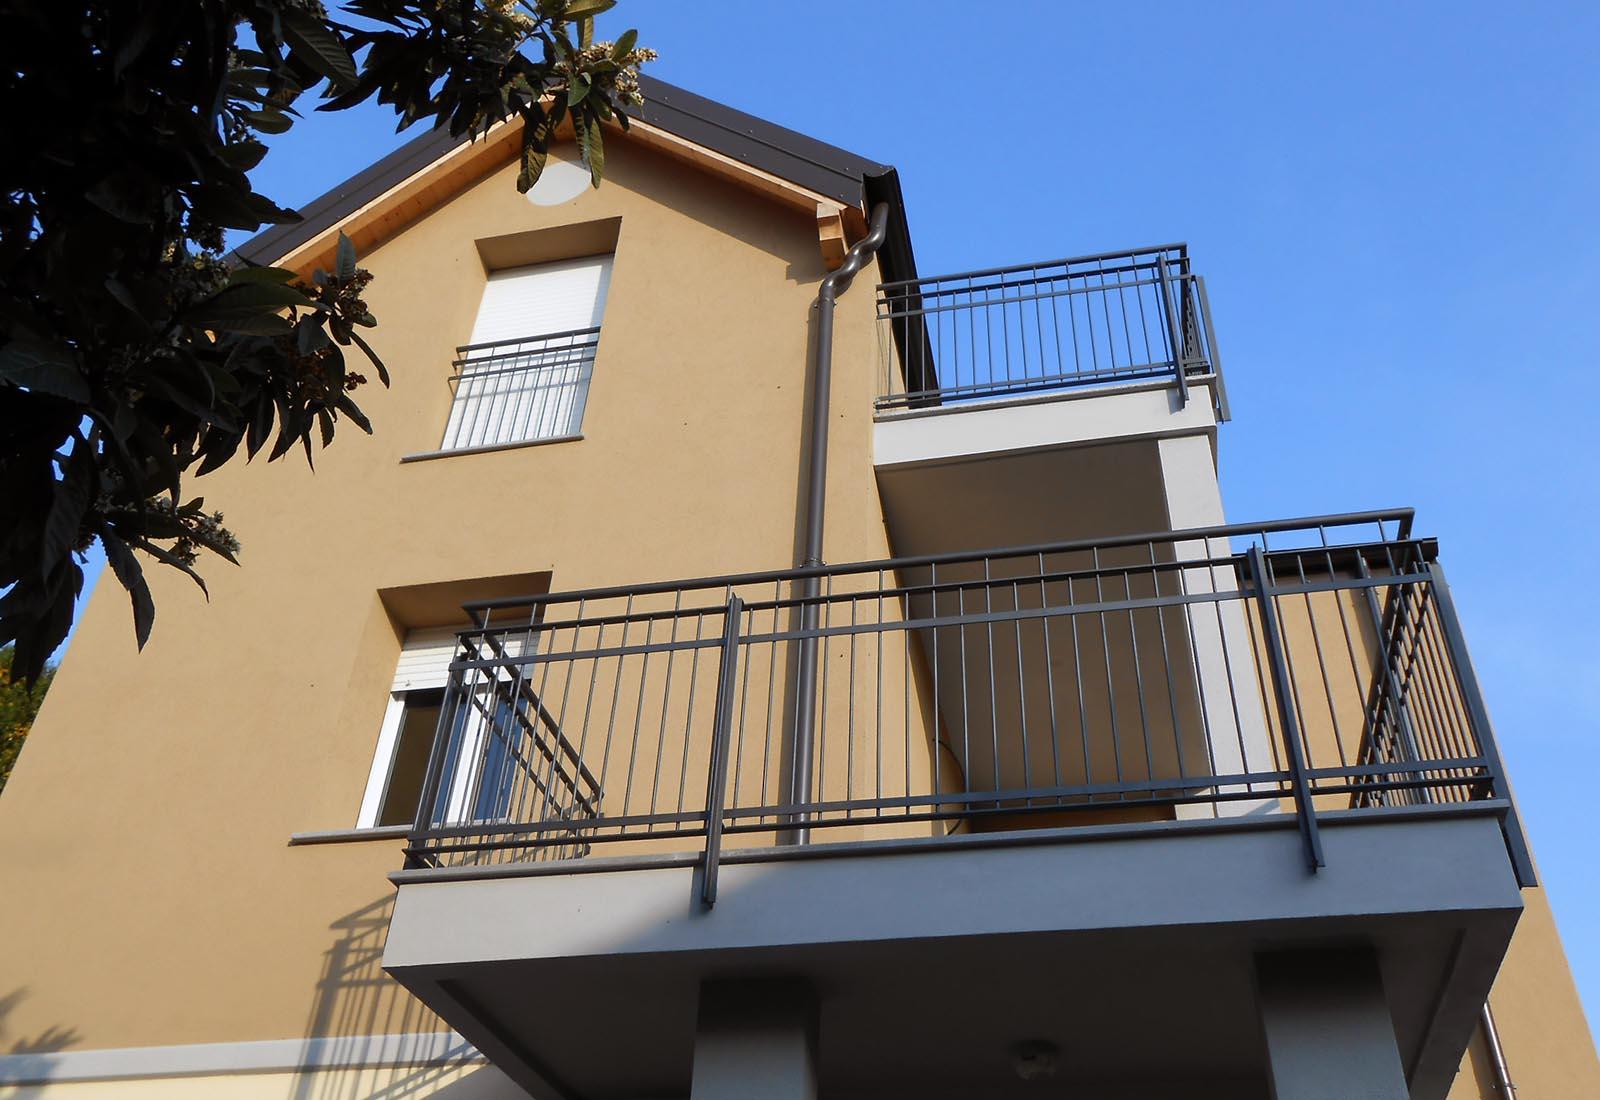 Casa a Rho in via dei Mille - Dettaglio della facciata